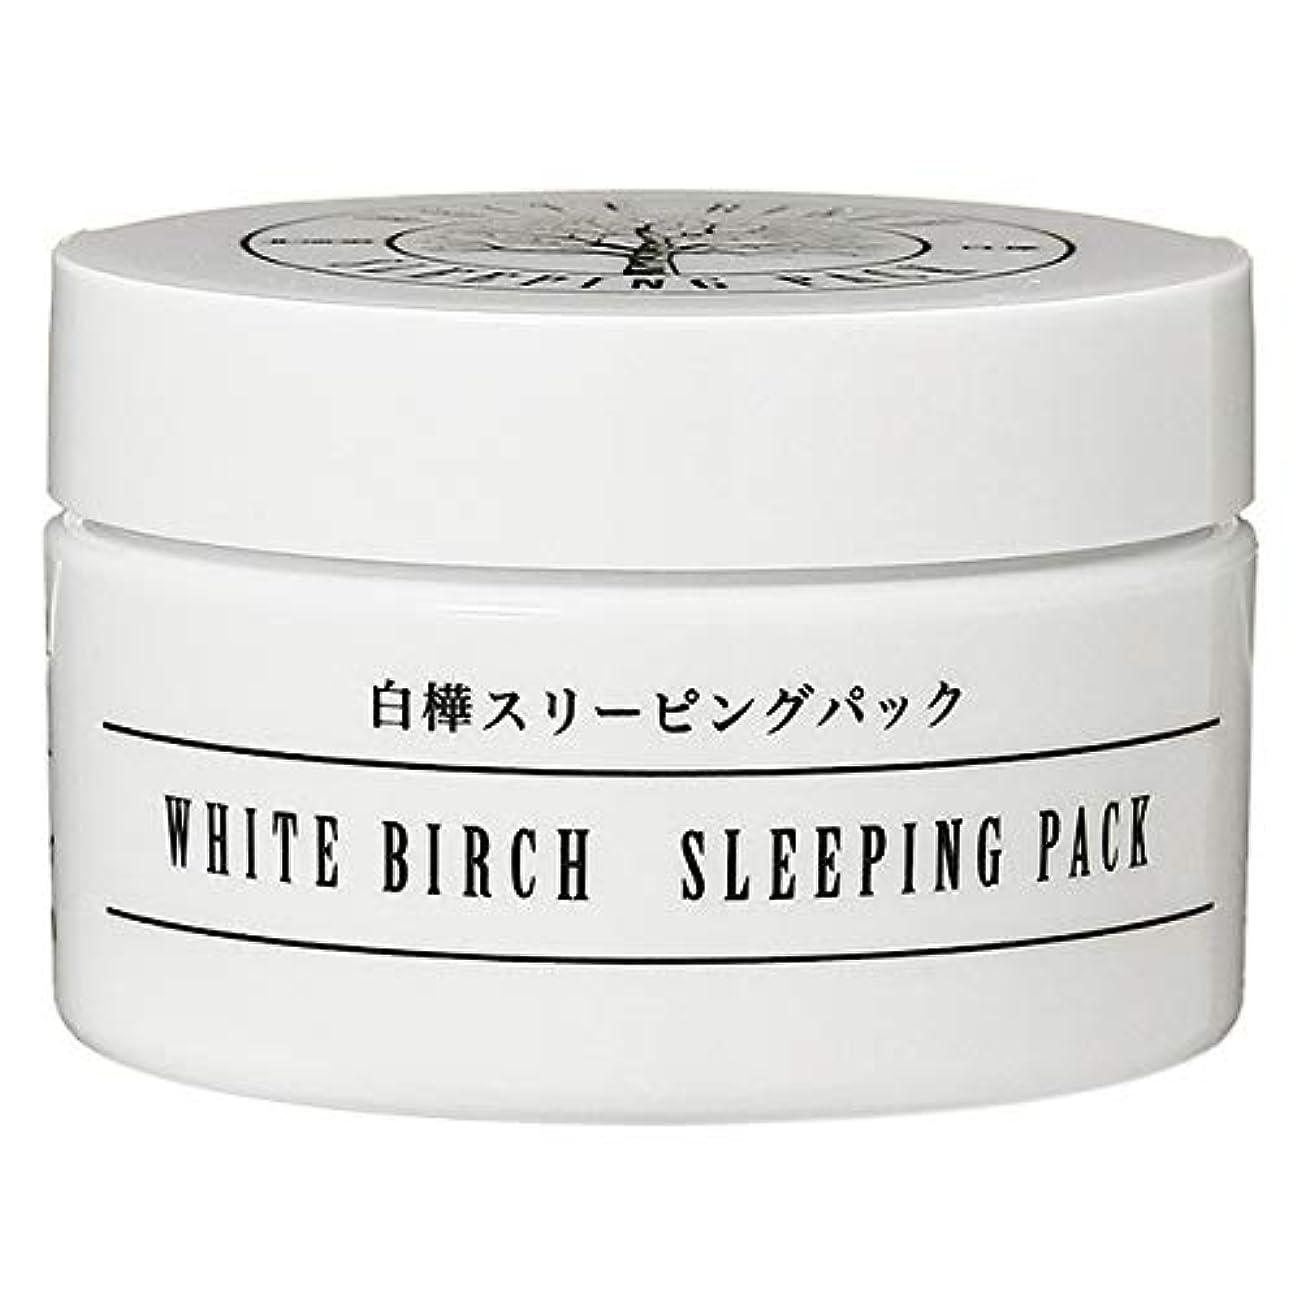 ベル不信反対北海道アンソロポロジー 白樺スリーピングパック 80g